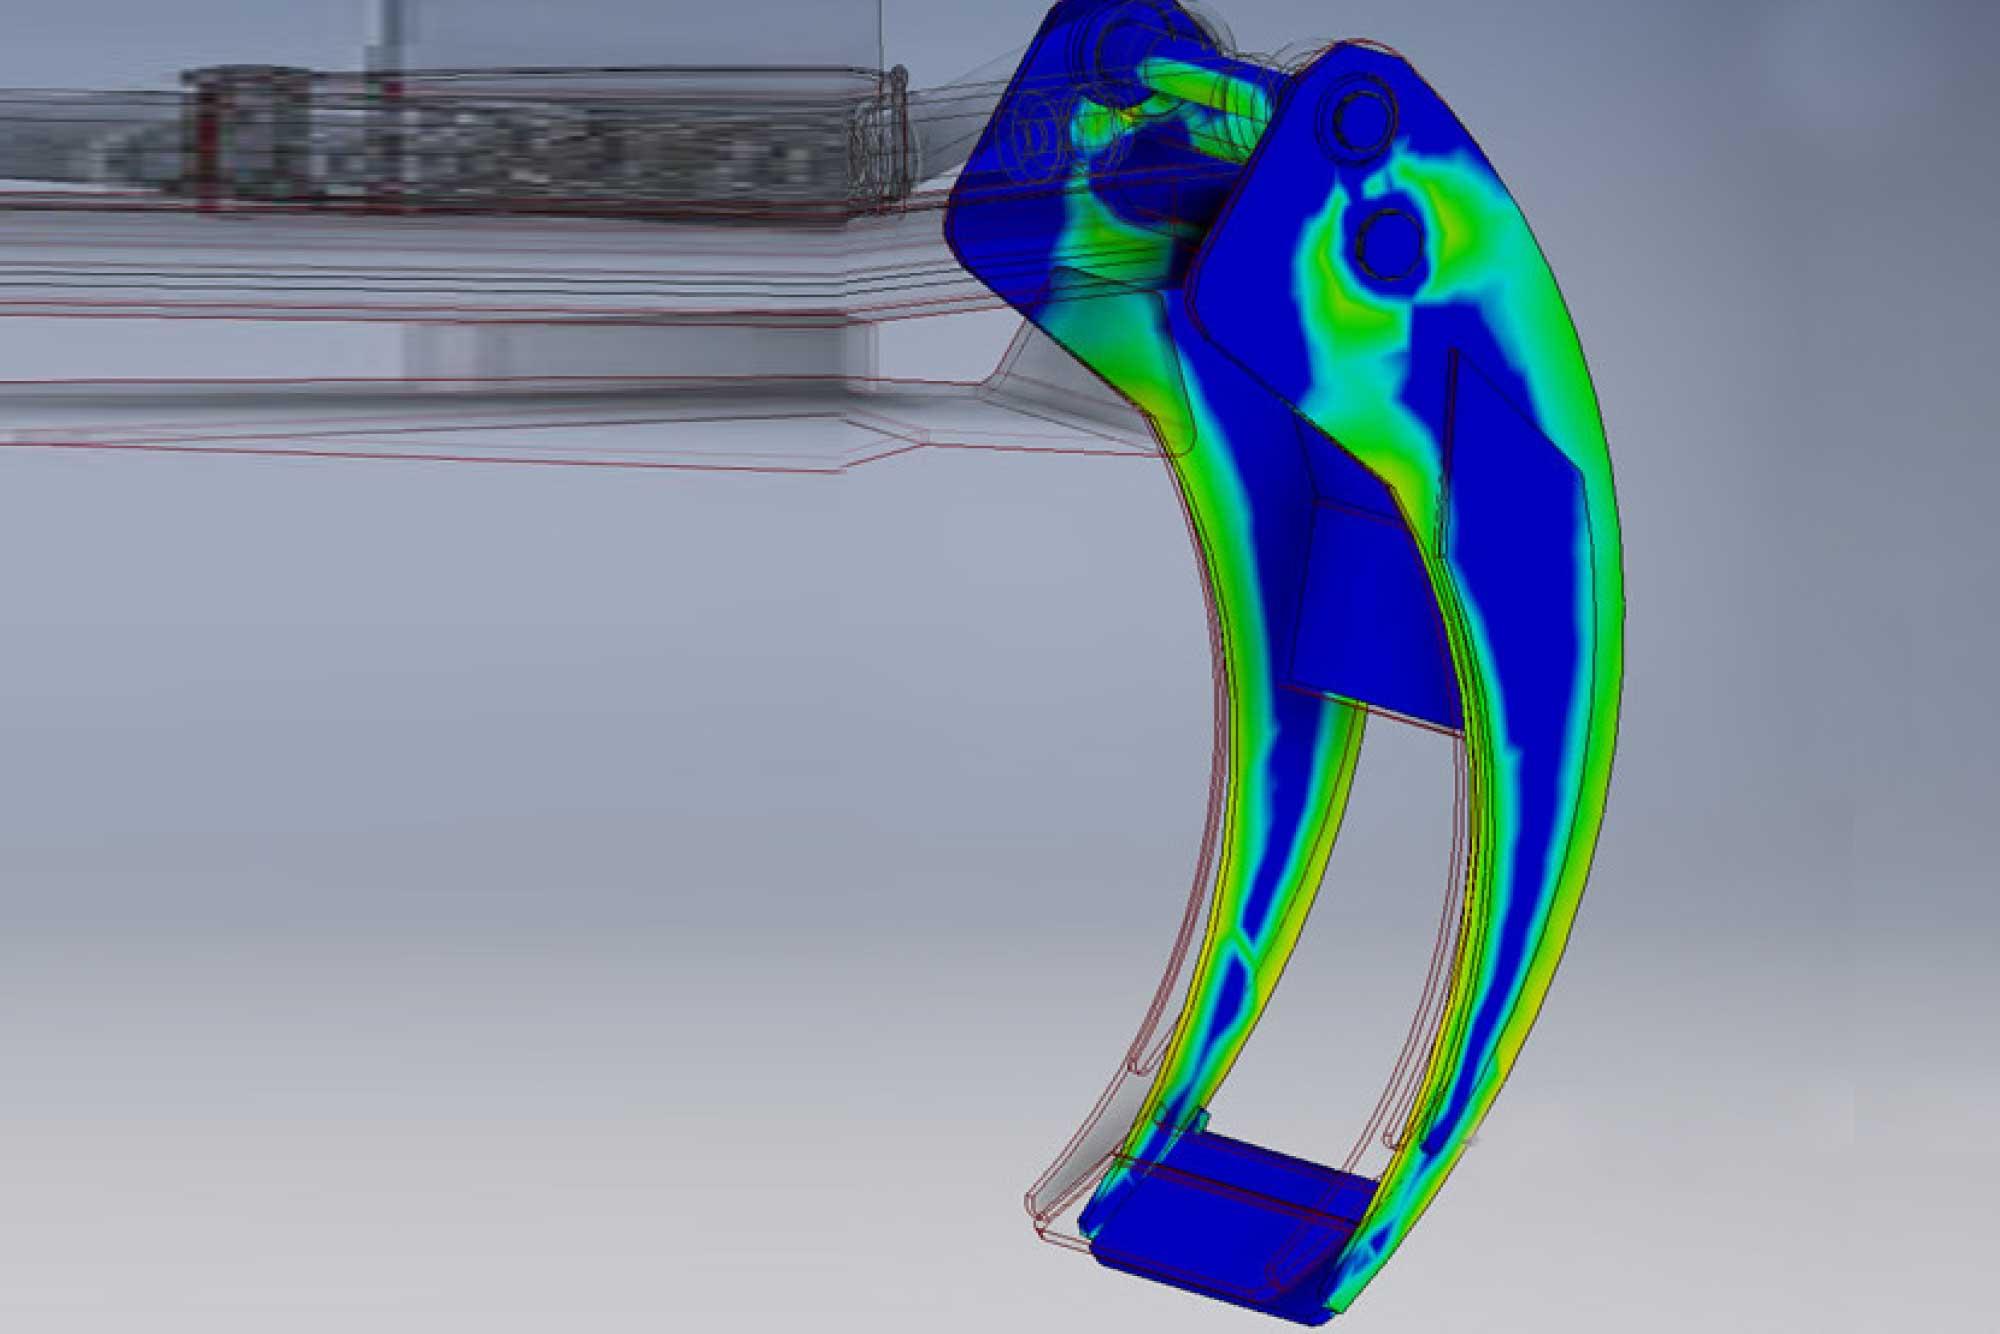 3DXpertise